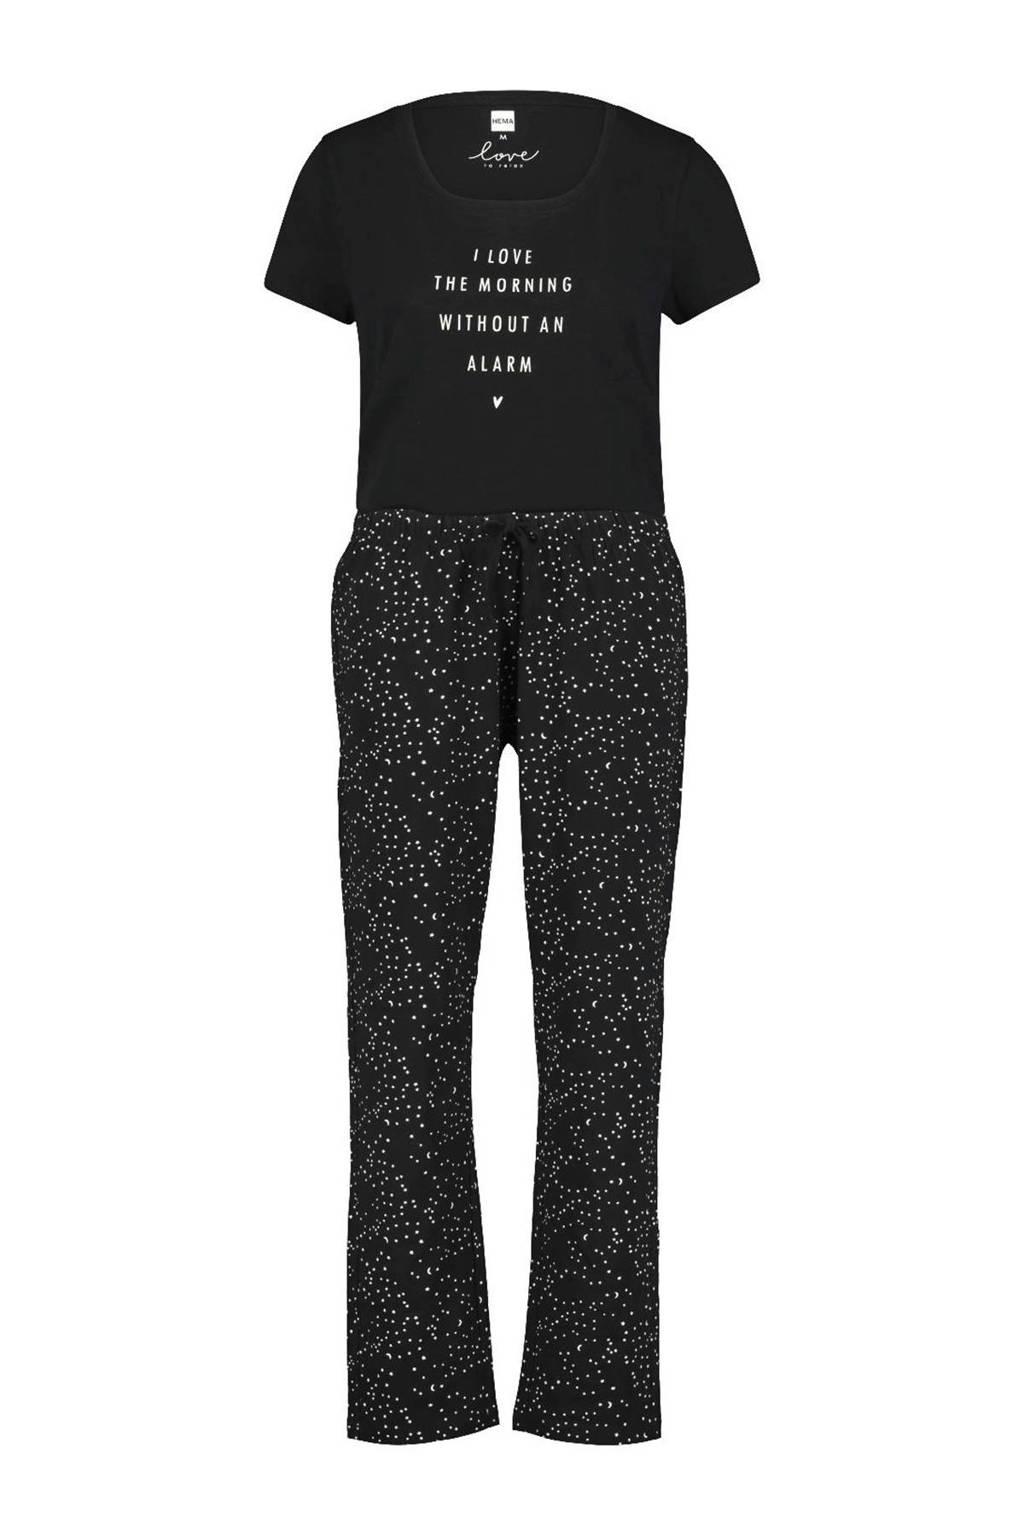 HEMA pyjama met printopdruk zwart, Zwart/wit